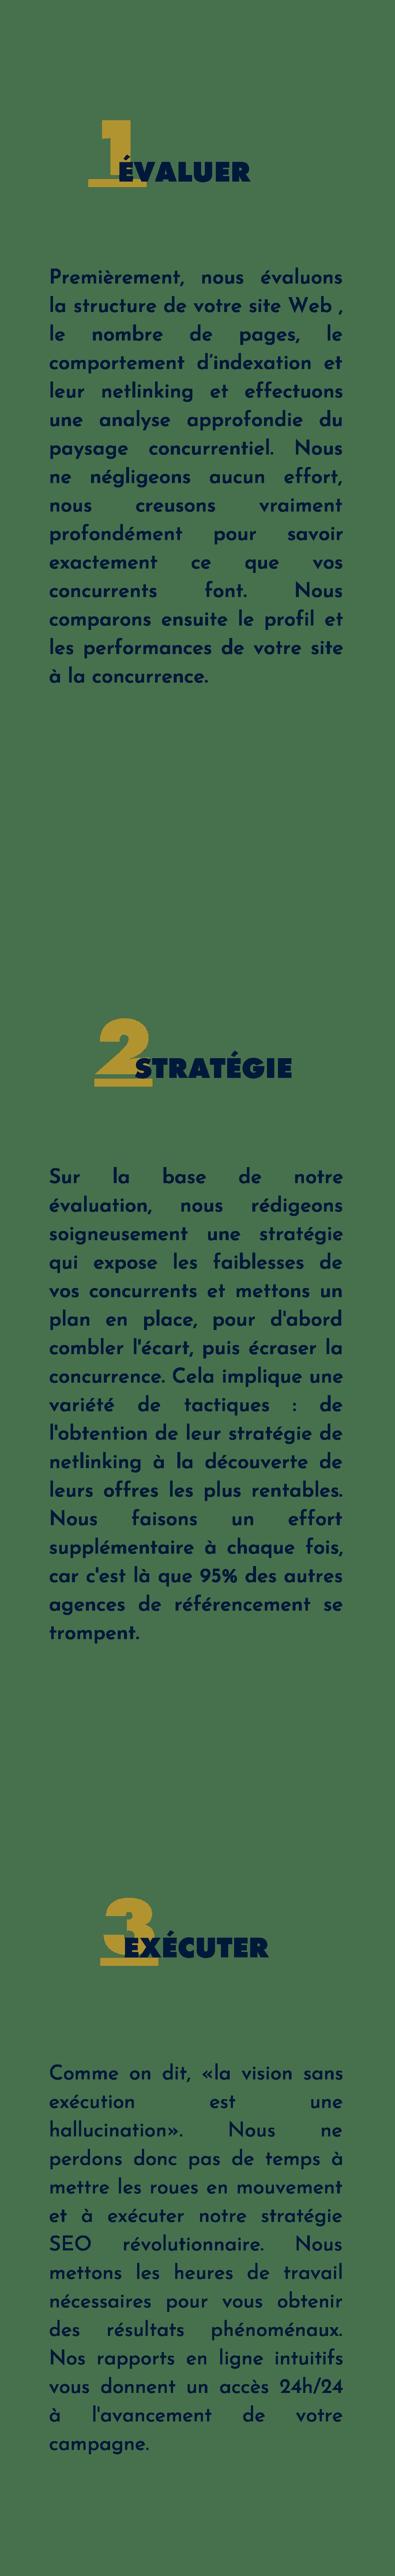 Version mobile - NOUS TRANSFORMONS CONSTAMMENT LA PUBLICITÉ EN PROFIT